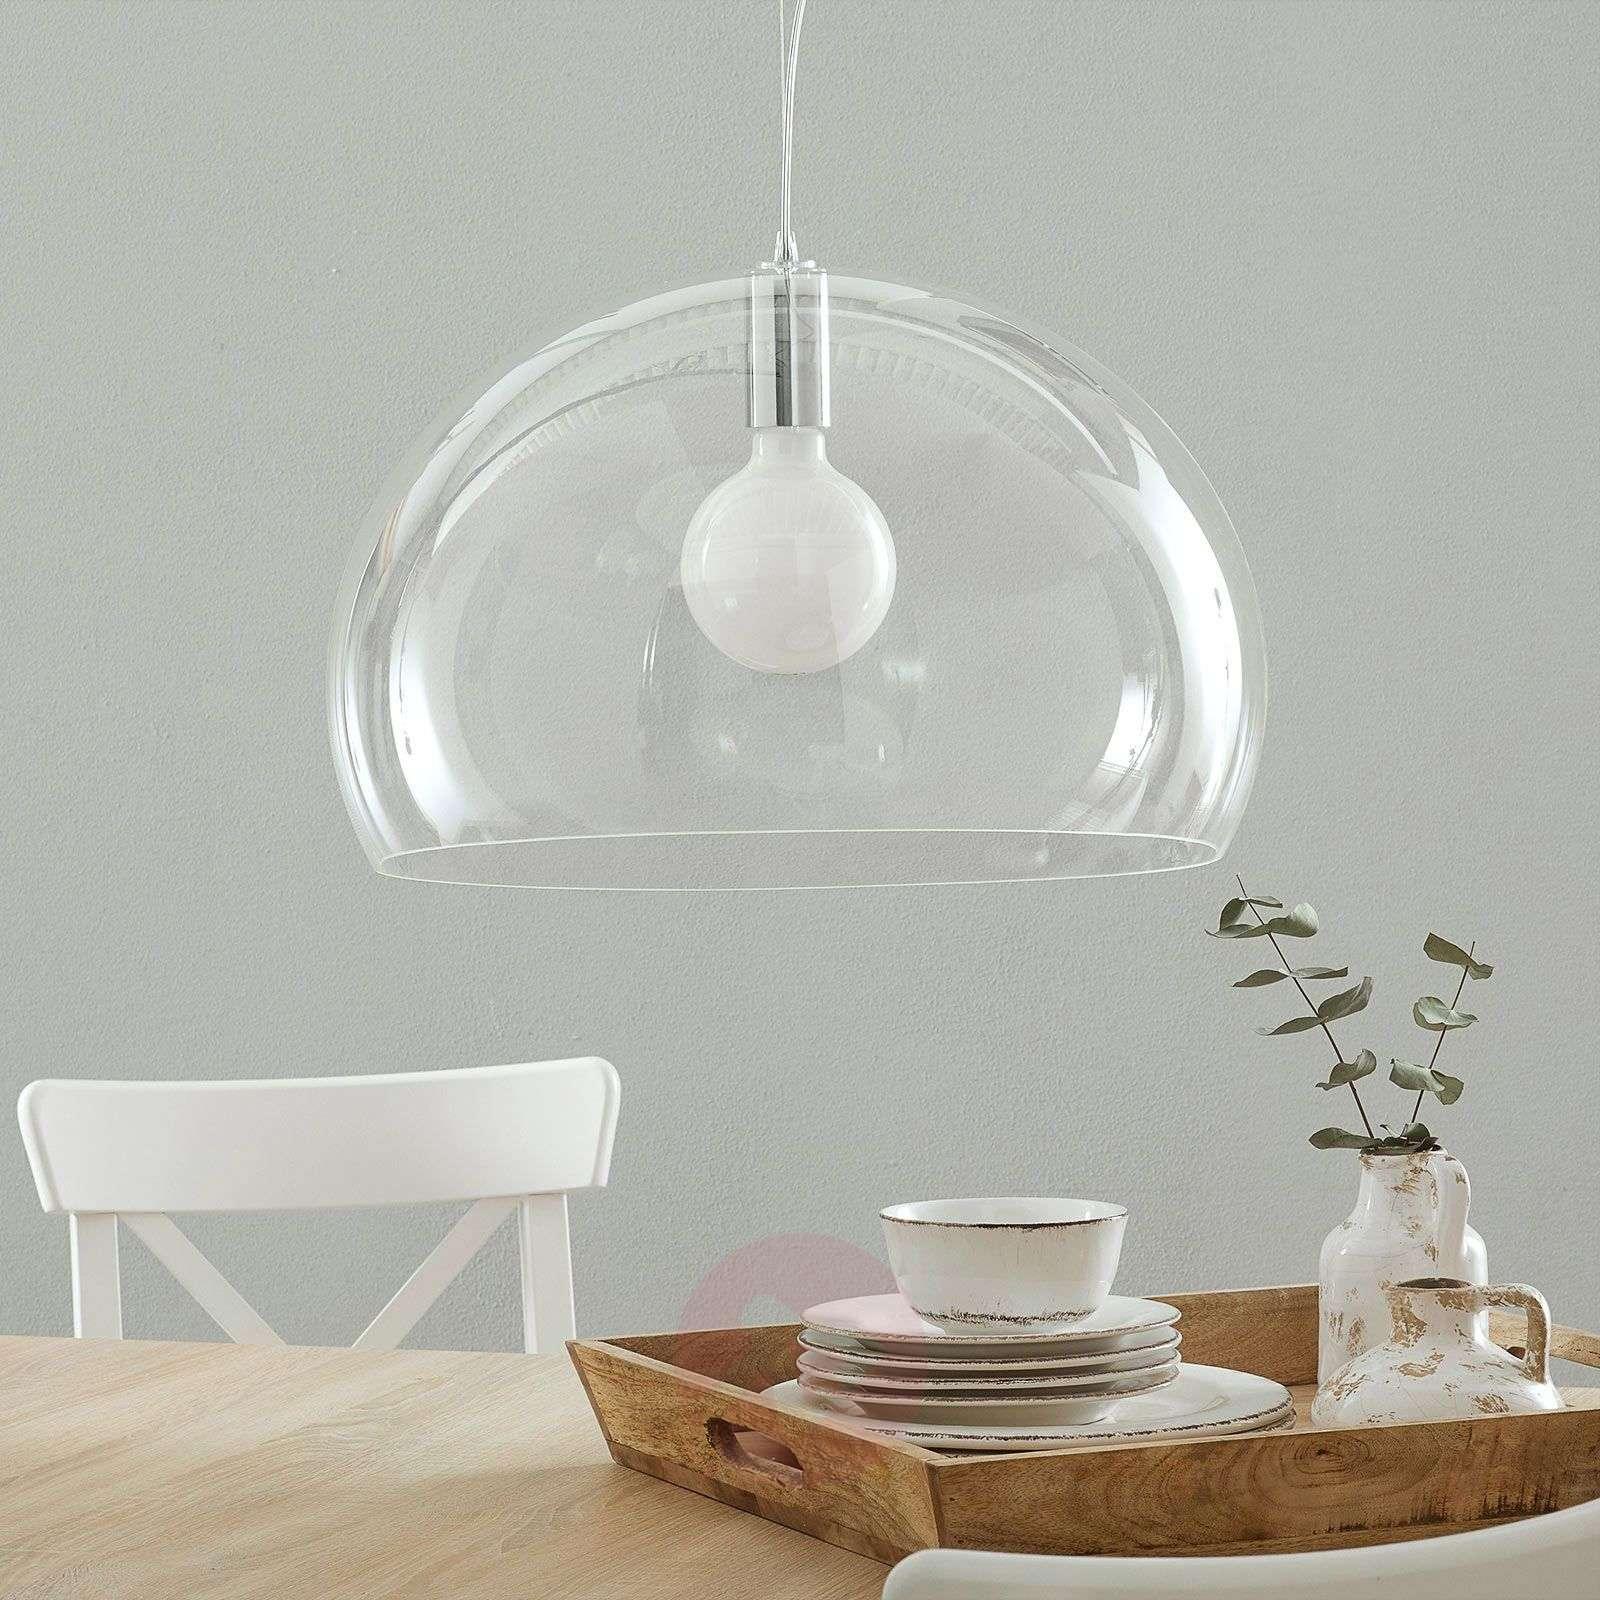 Design-LED-riippuvalo FL/Y, läpinäkyvä-5541056-01